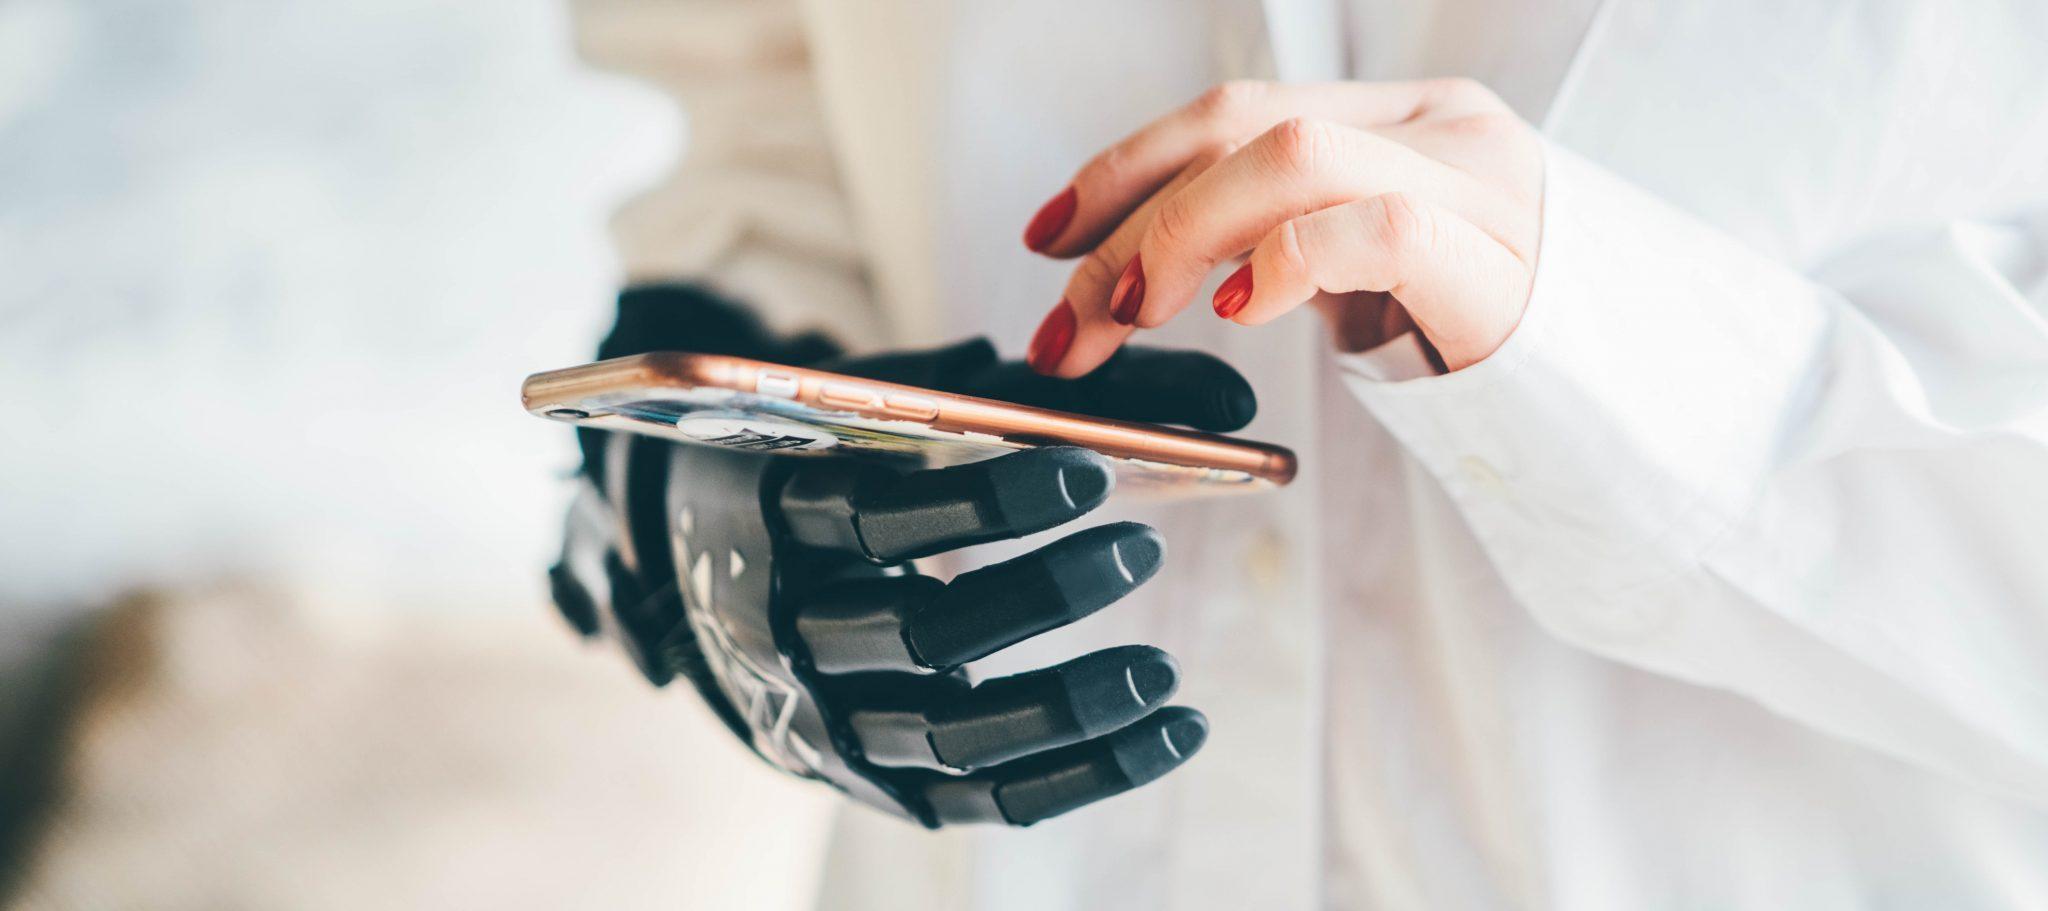 Robots + Telemedicina - 2020 año de Tecnologías y Salud-Tu blog médico-meddi